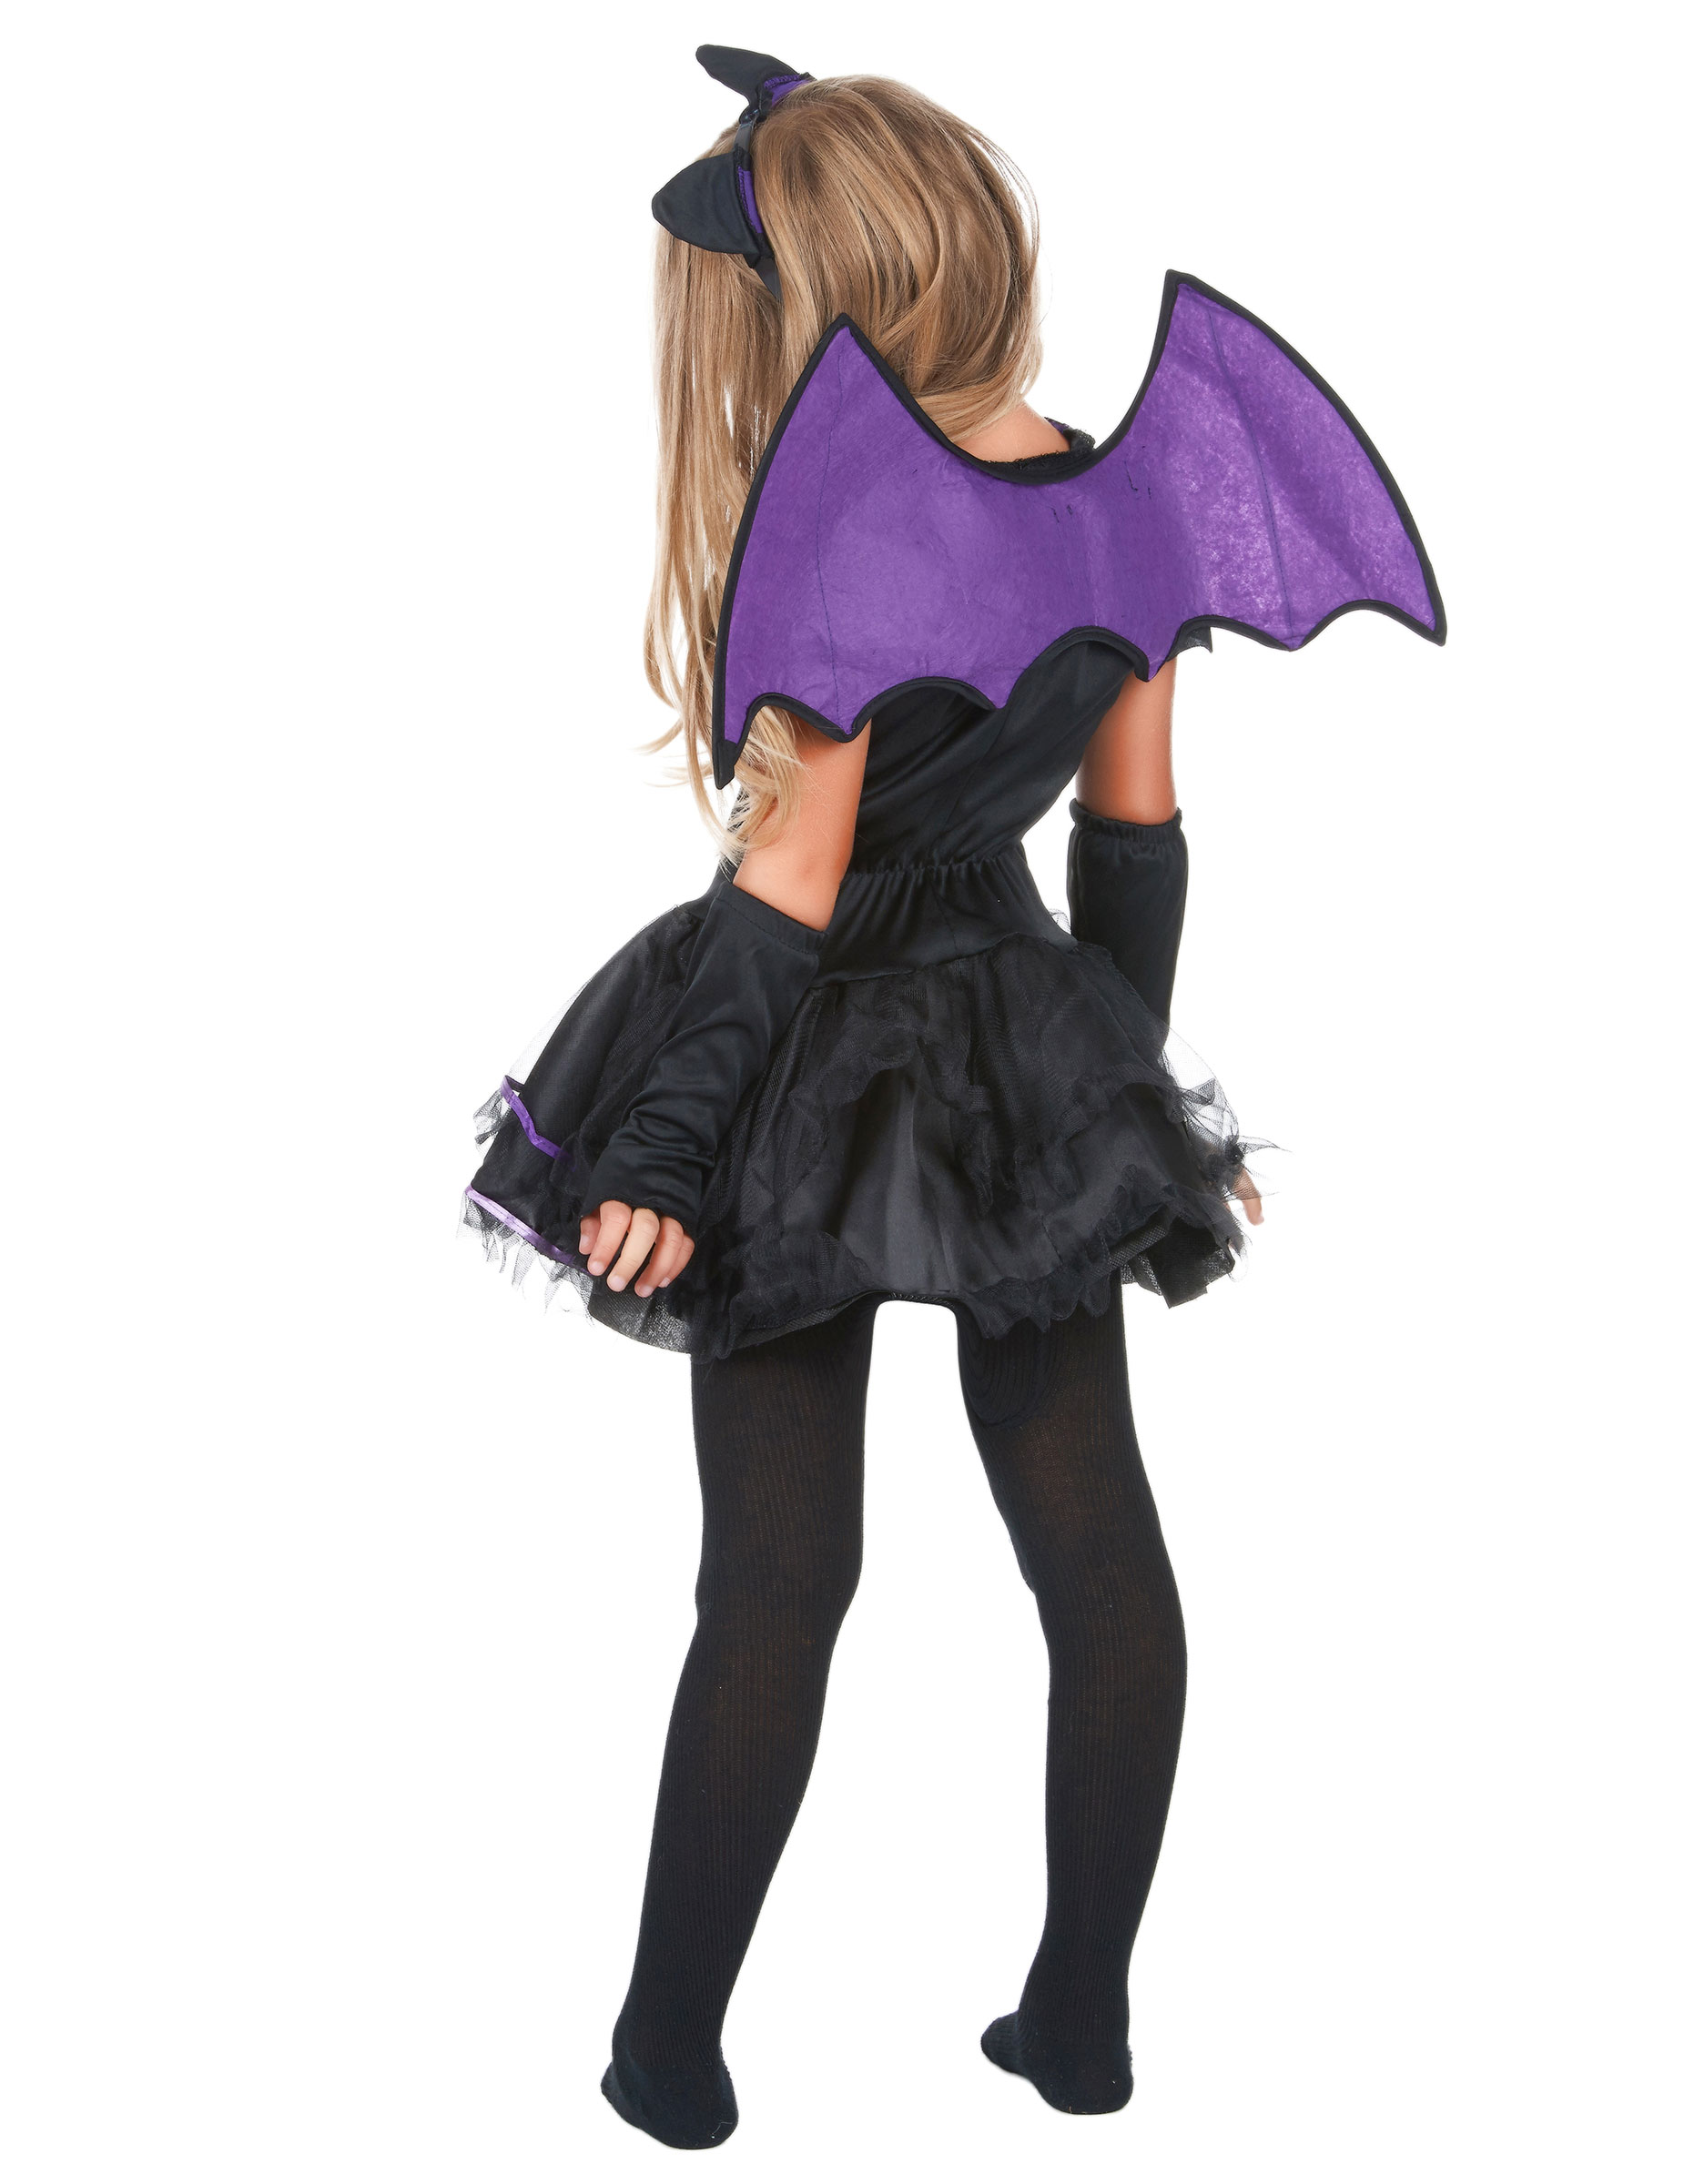 Costume da pipistrello viola per bambina su VegaooParty 9720c637c1d9